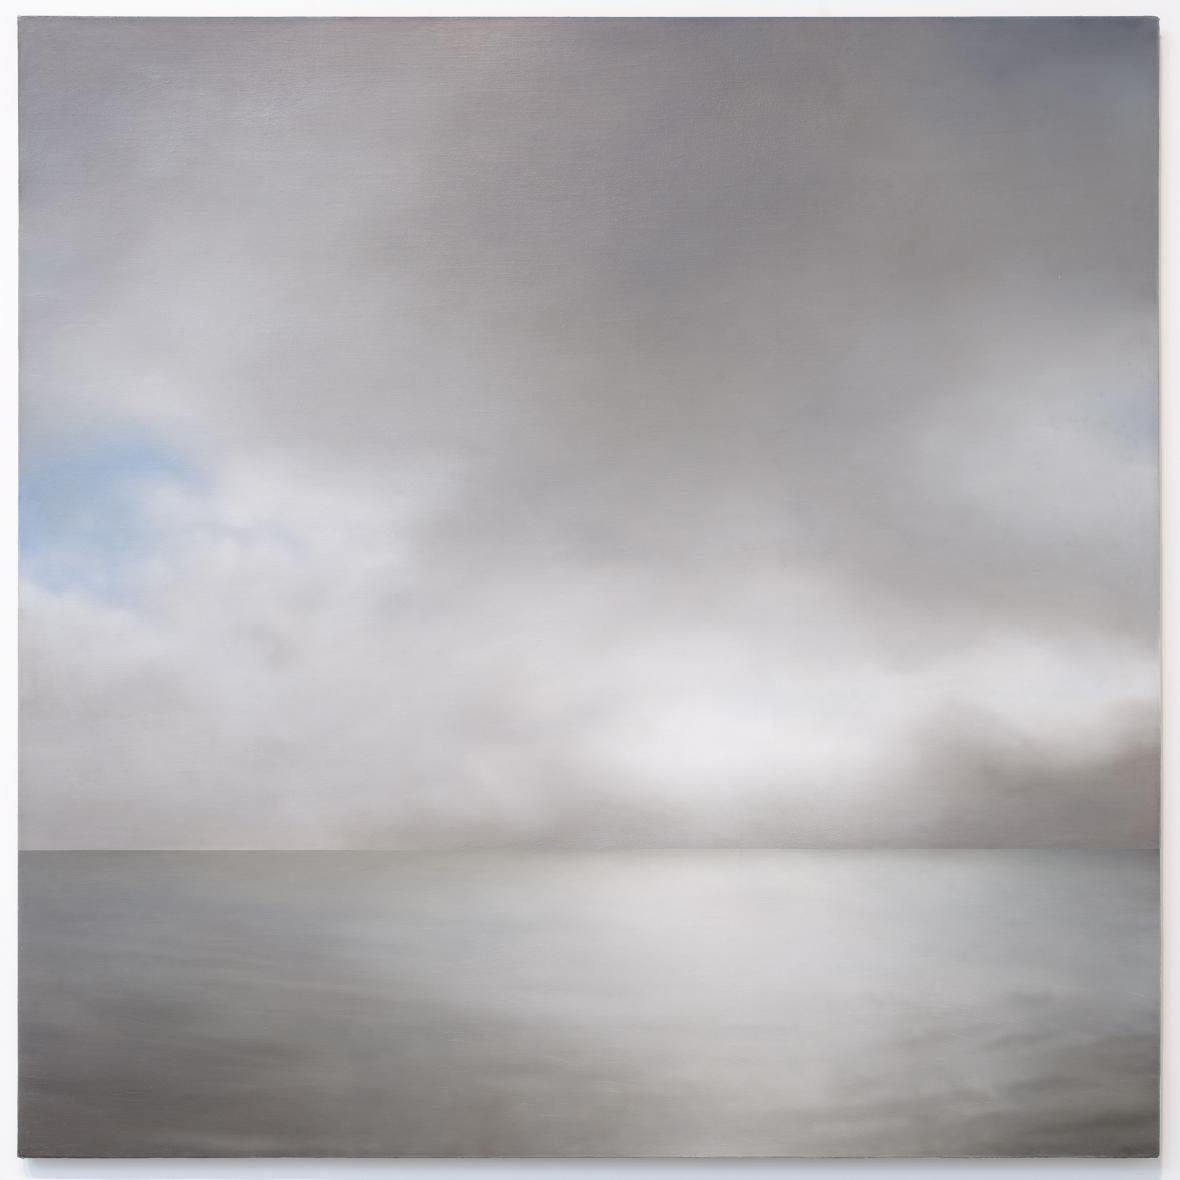 Gerhard Richter / Mořská Krajina (mírně oblačná), 1969